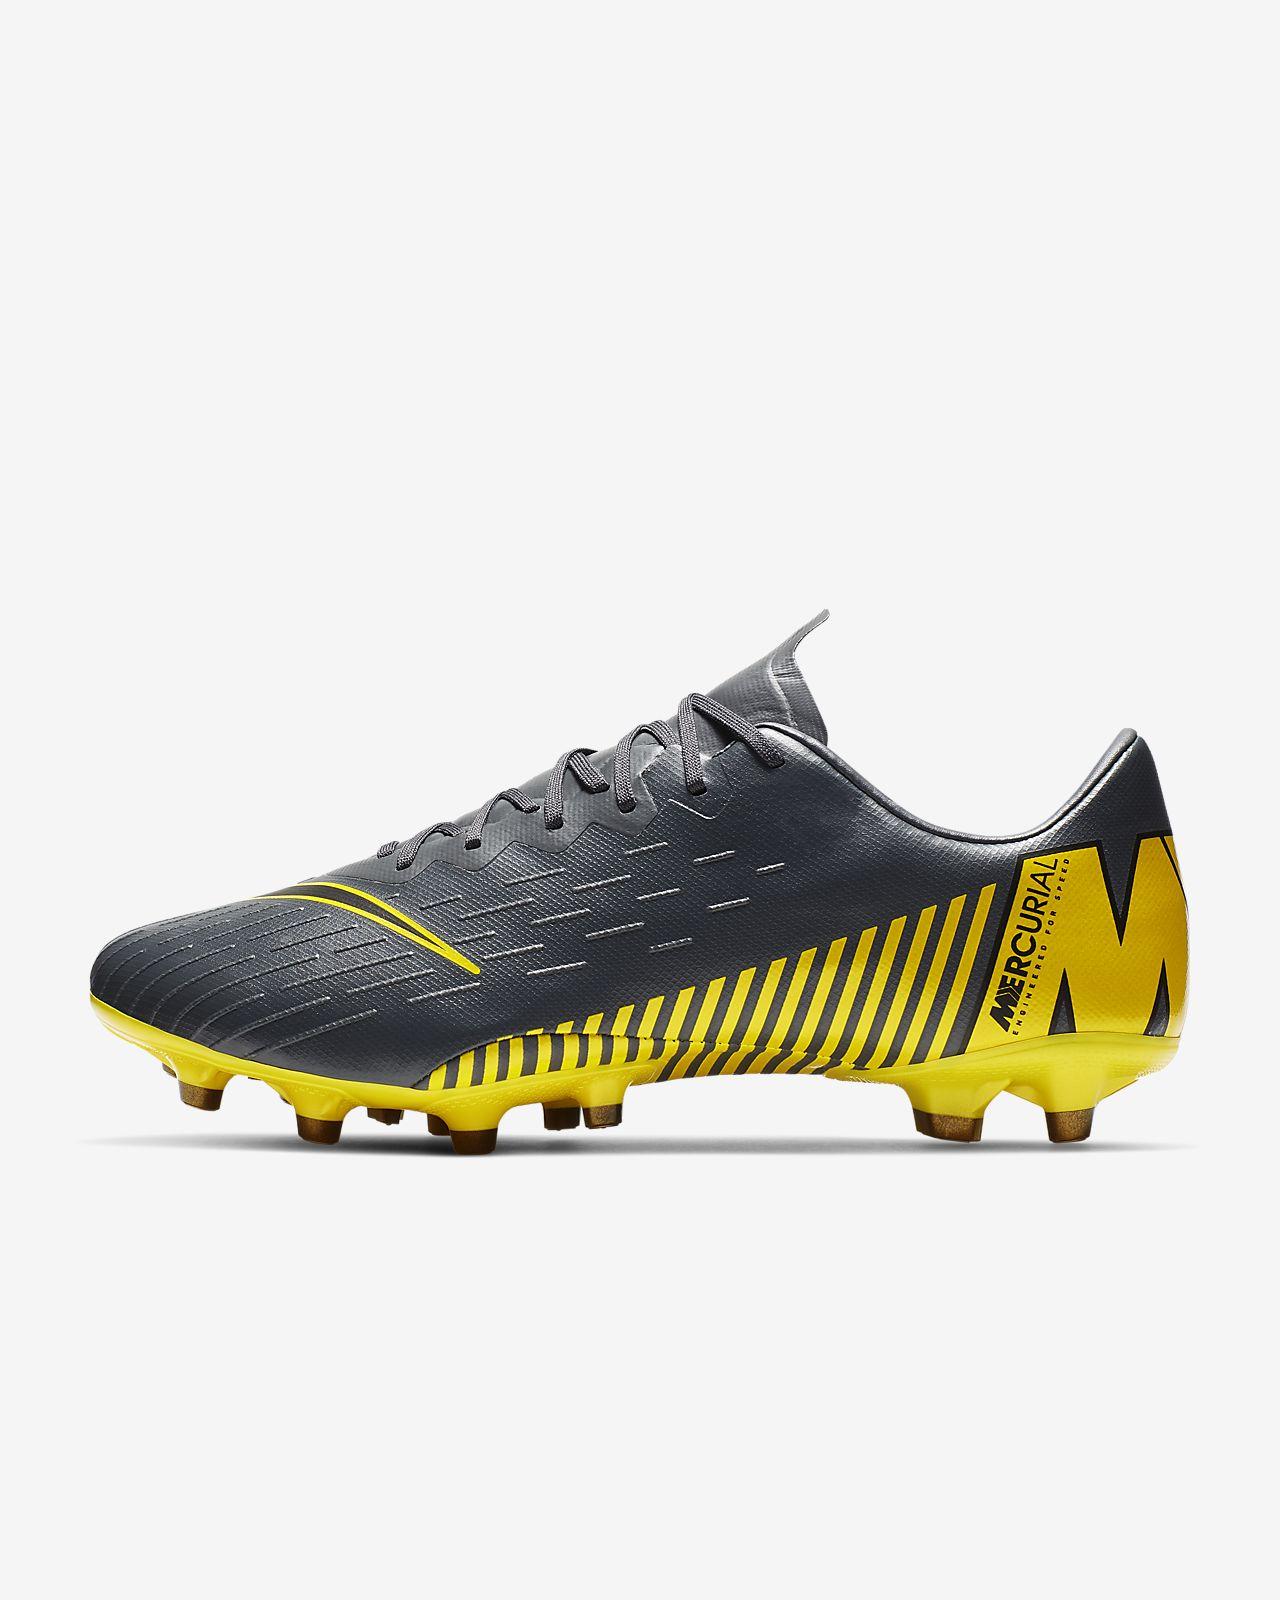 Fotbollsko för konstgräs Nike Mercurial Vapor XII Pro AG-PRO